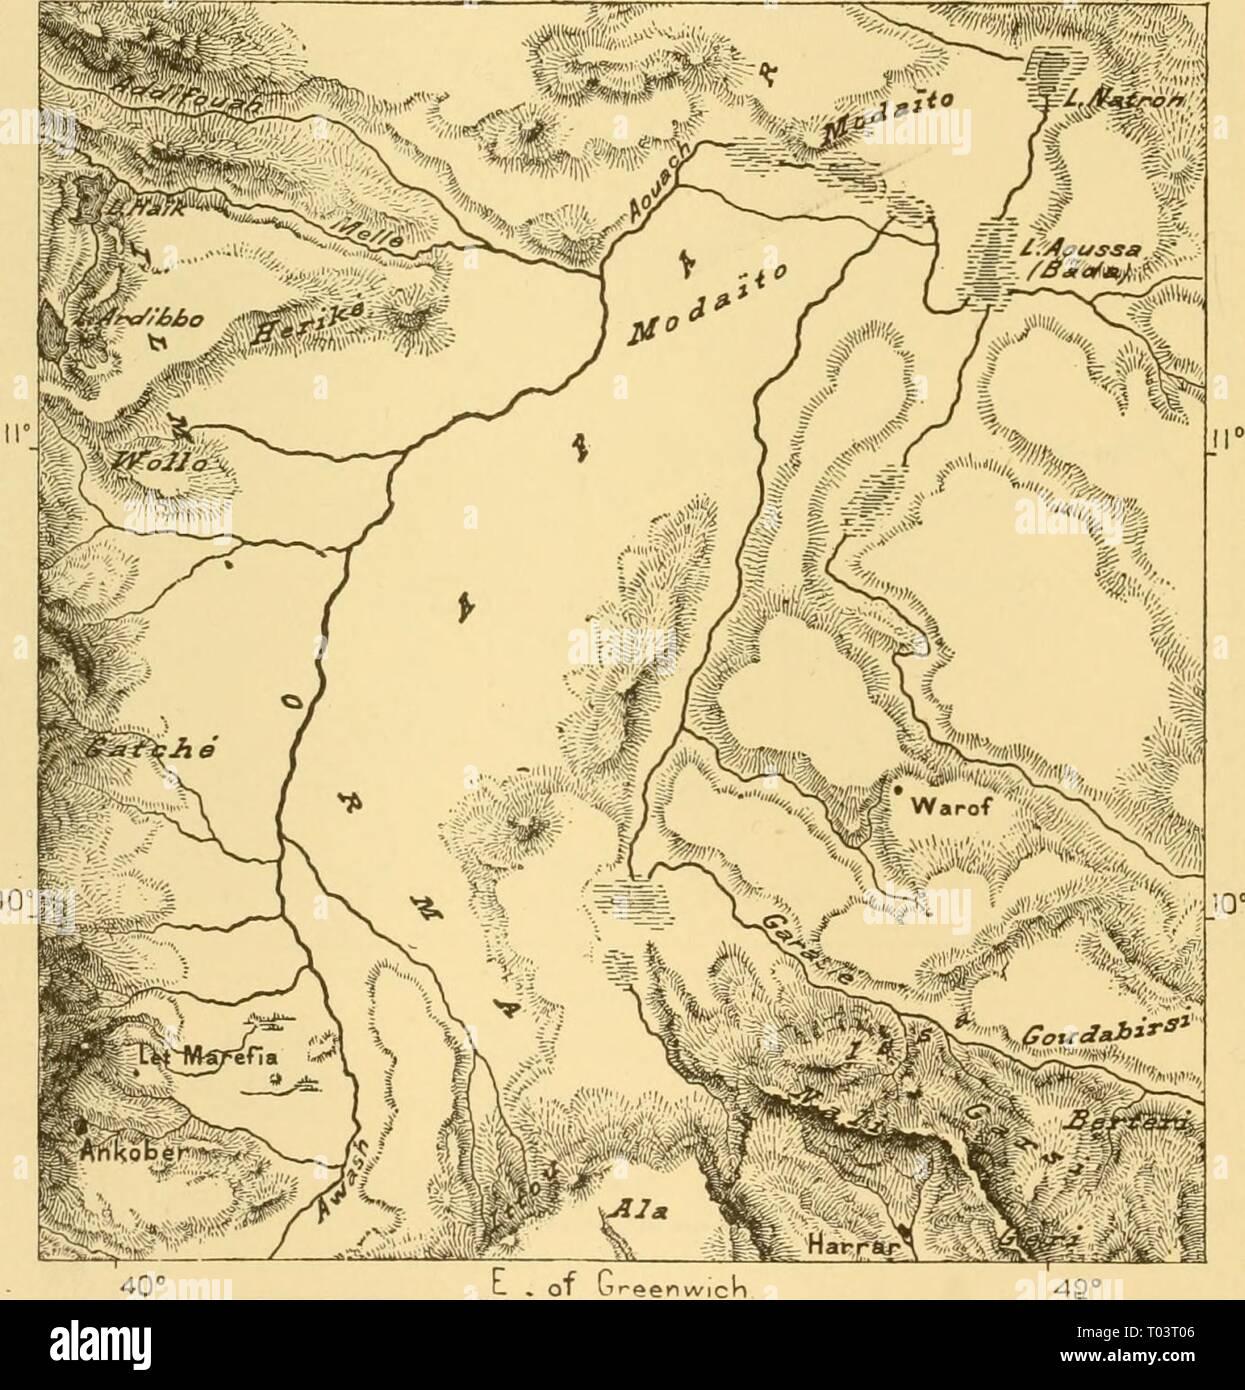 La terra e i suoi abitanti .. . Earthitsinhabita0186recl Anno: 1886 206 A NORD-EST ATEICA. raccolta di più di un migliaio di capanne dove sono collocati i mercanti e cammello- driver della Modaïto Danakil tribù e una volta era la capitale del regno Mussulman di Adel. Da Aussa alla Baia Tajurah seguire in successione di numerosi altri gruppi di cabine anche appartenenti alla tribù Afar e sulla sponda settentrionale della baia è delimitata da largamente sparsi borghi e villaggi. Tra gli altri è quello di Sangalo, che viene servita fino a di recente come il porto da dove Galla schiavi erano shiiJjDed in Arabia Immagini Stock